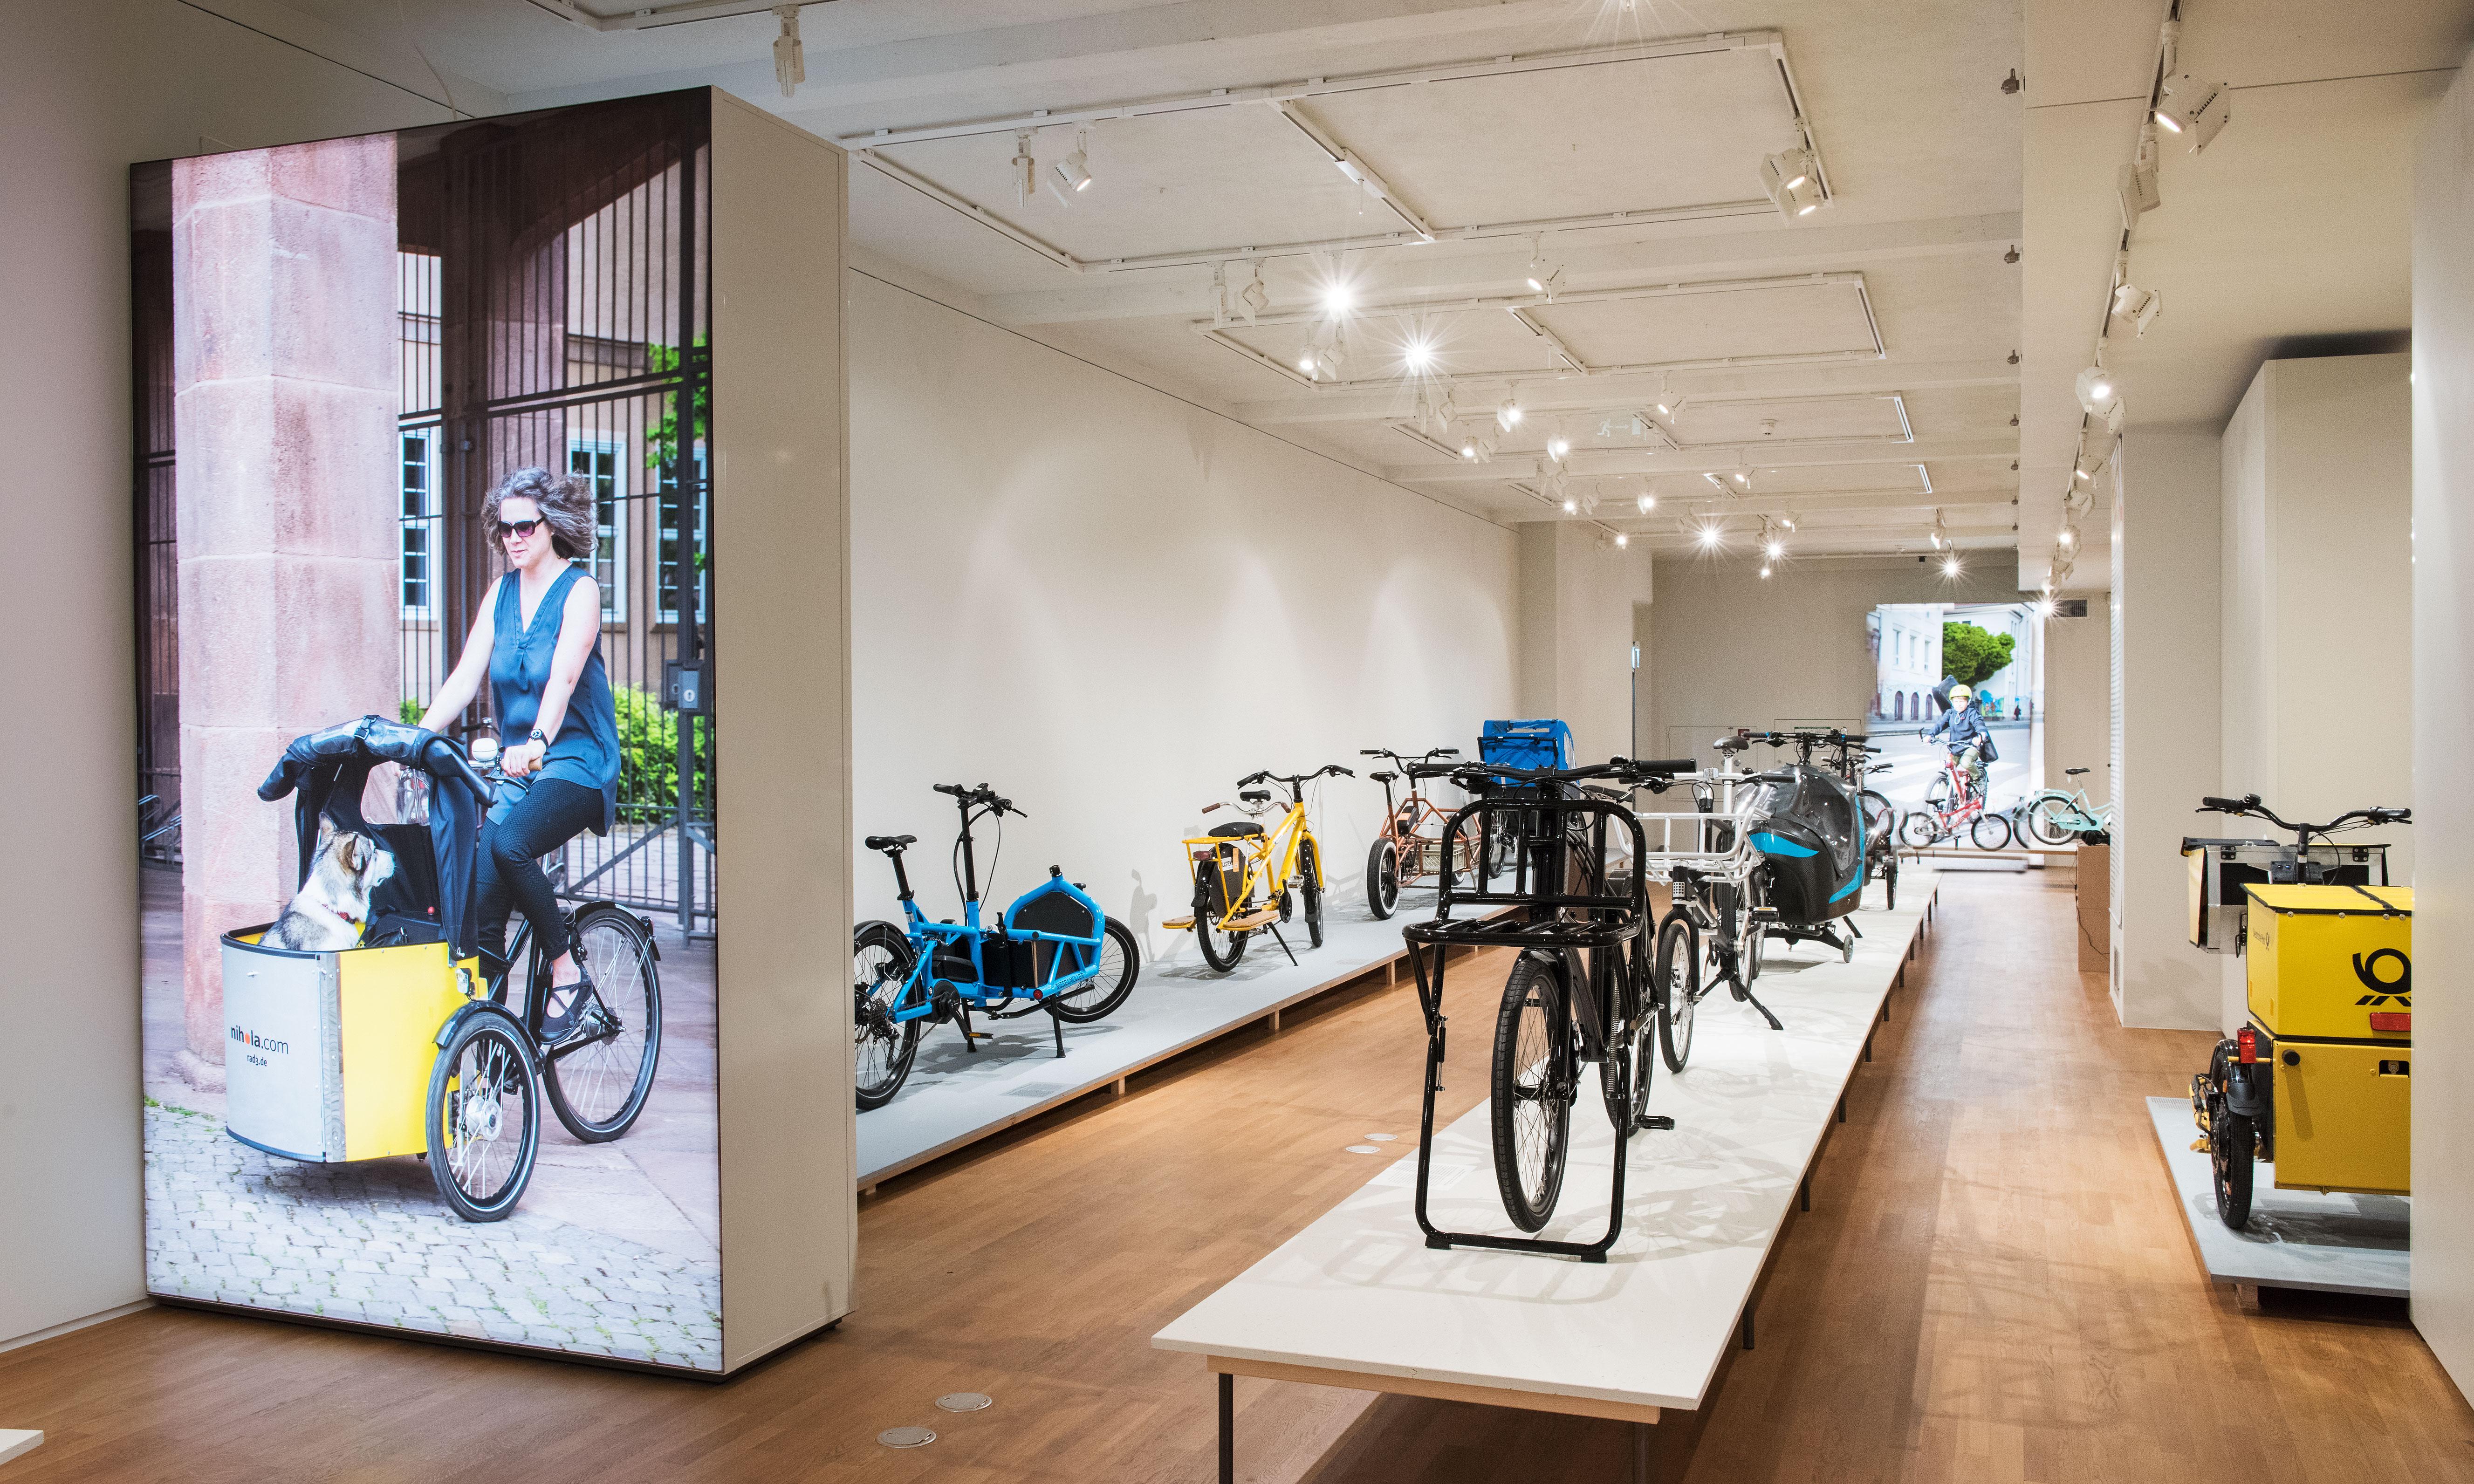 Inneaufnahme der Ausstellungsräume mit vielen verschiedenen Lastenrädern